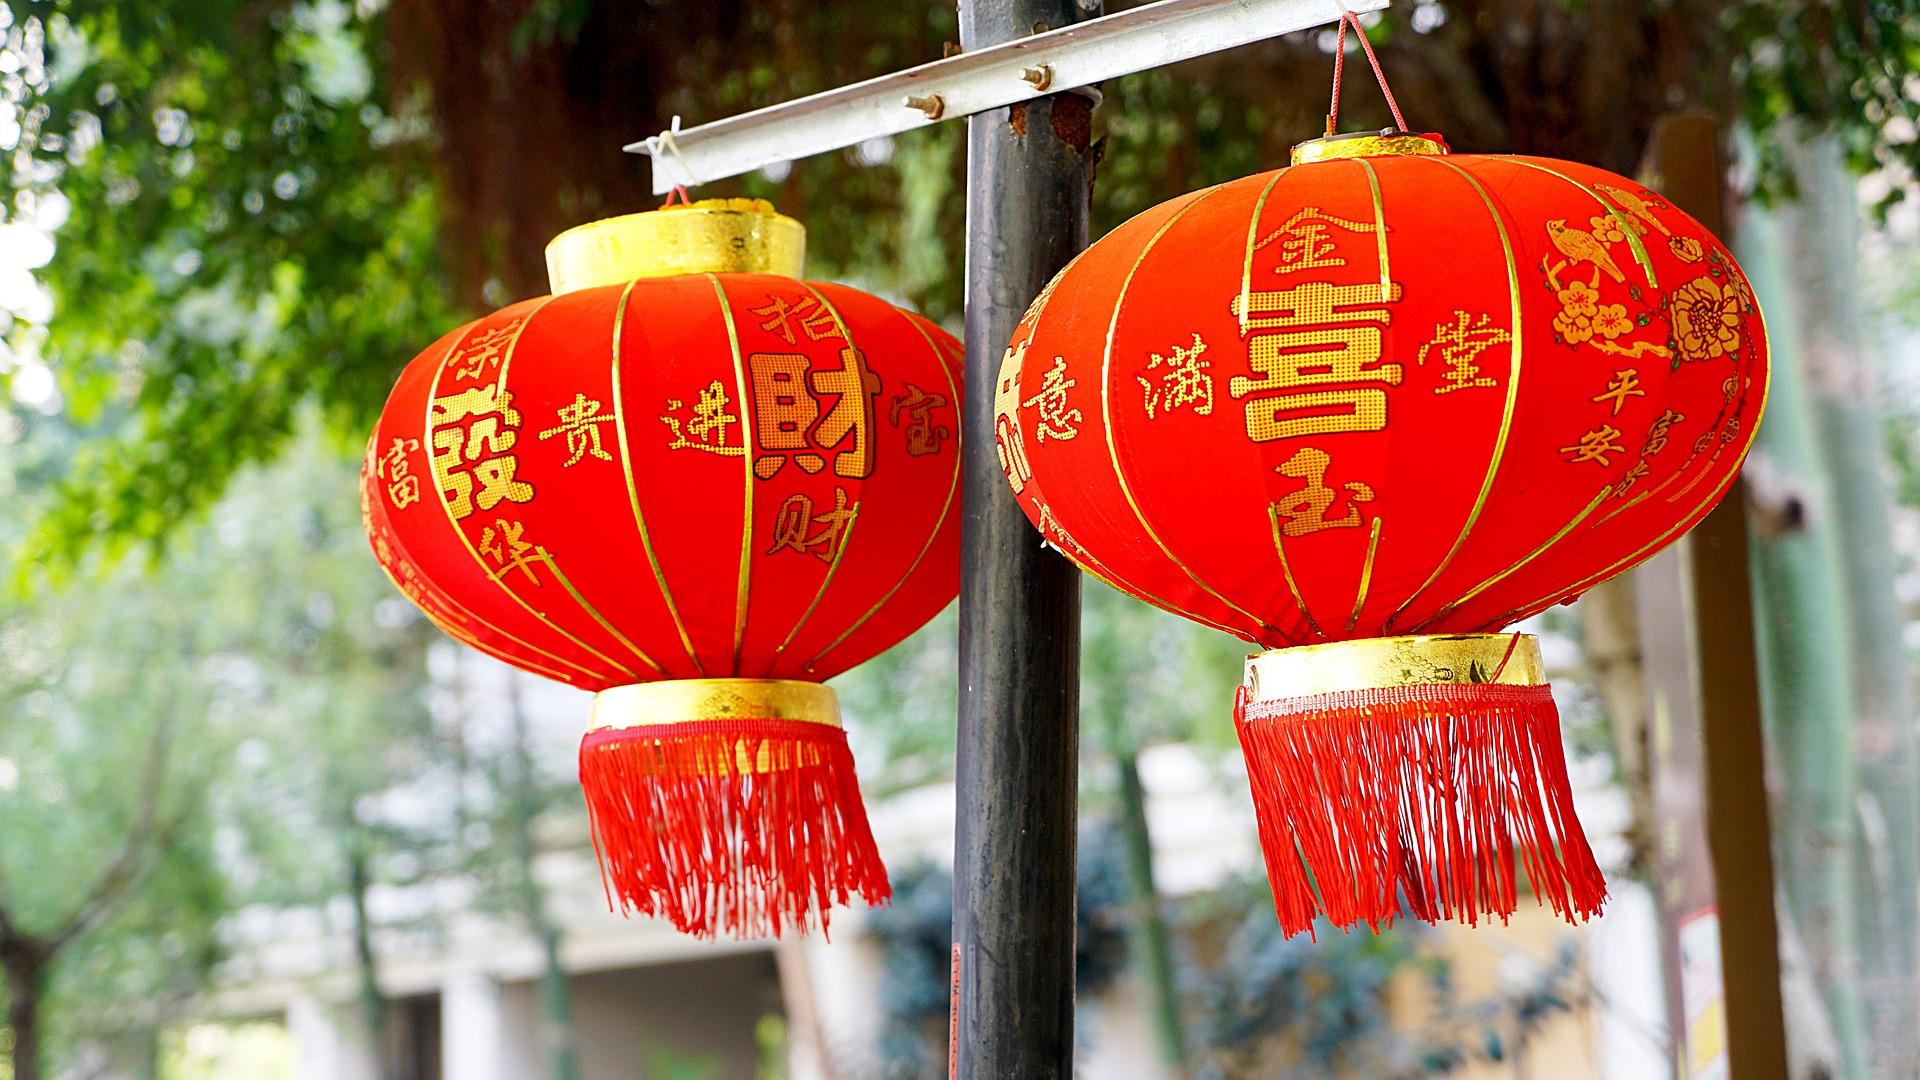 Zhenai Activity Spikes During Chinese New Year